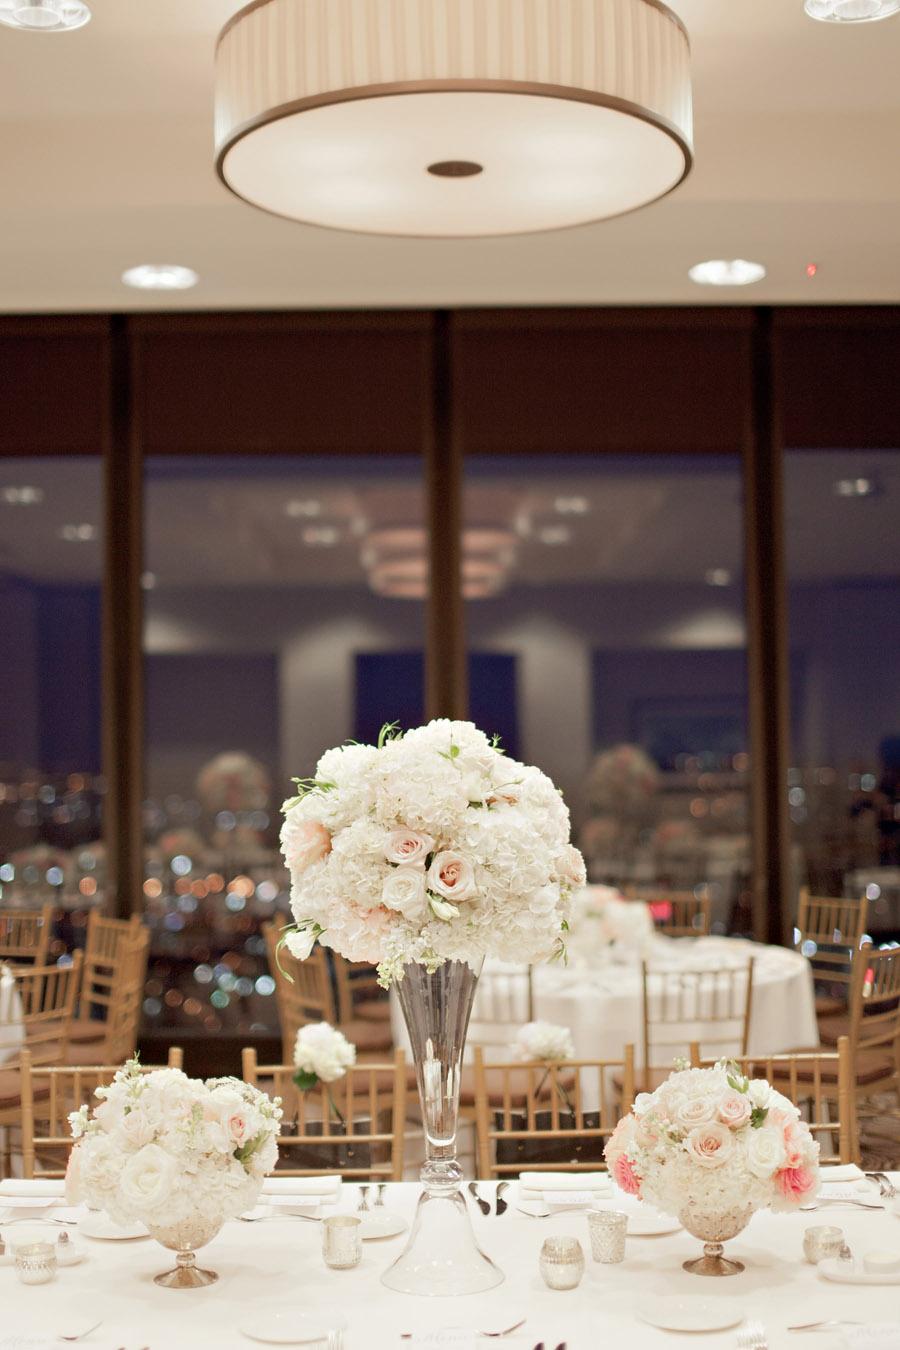 068-Thanksgiving-Tower-Club-Dallas-Wedding-by-Ivy-Weddings-swank-Soiree-Dallas-wedding- planner.jpg